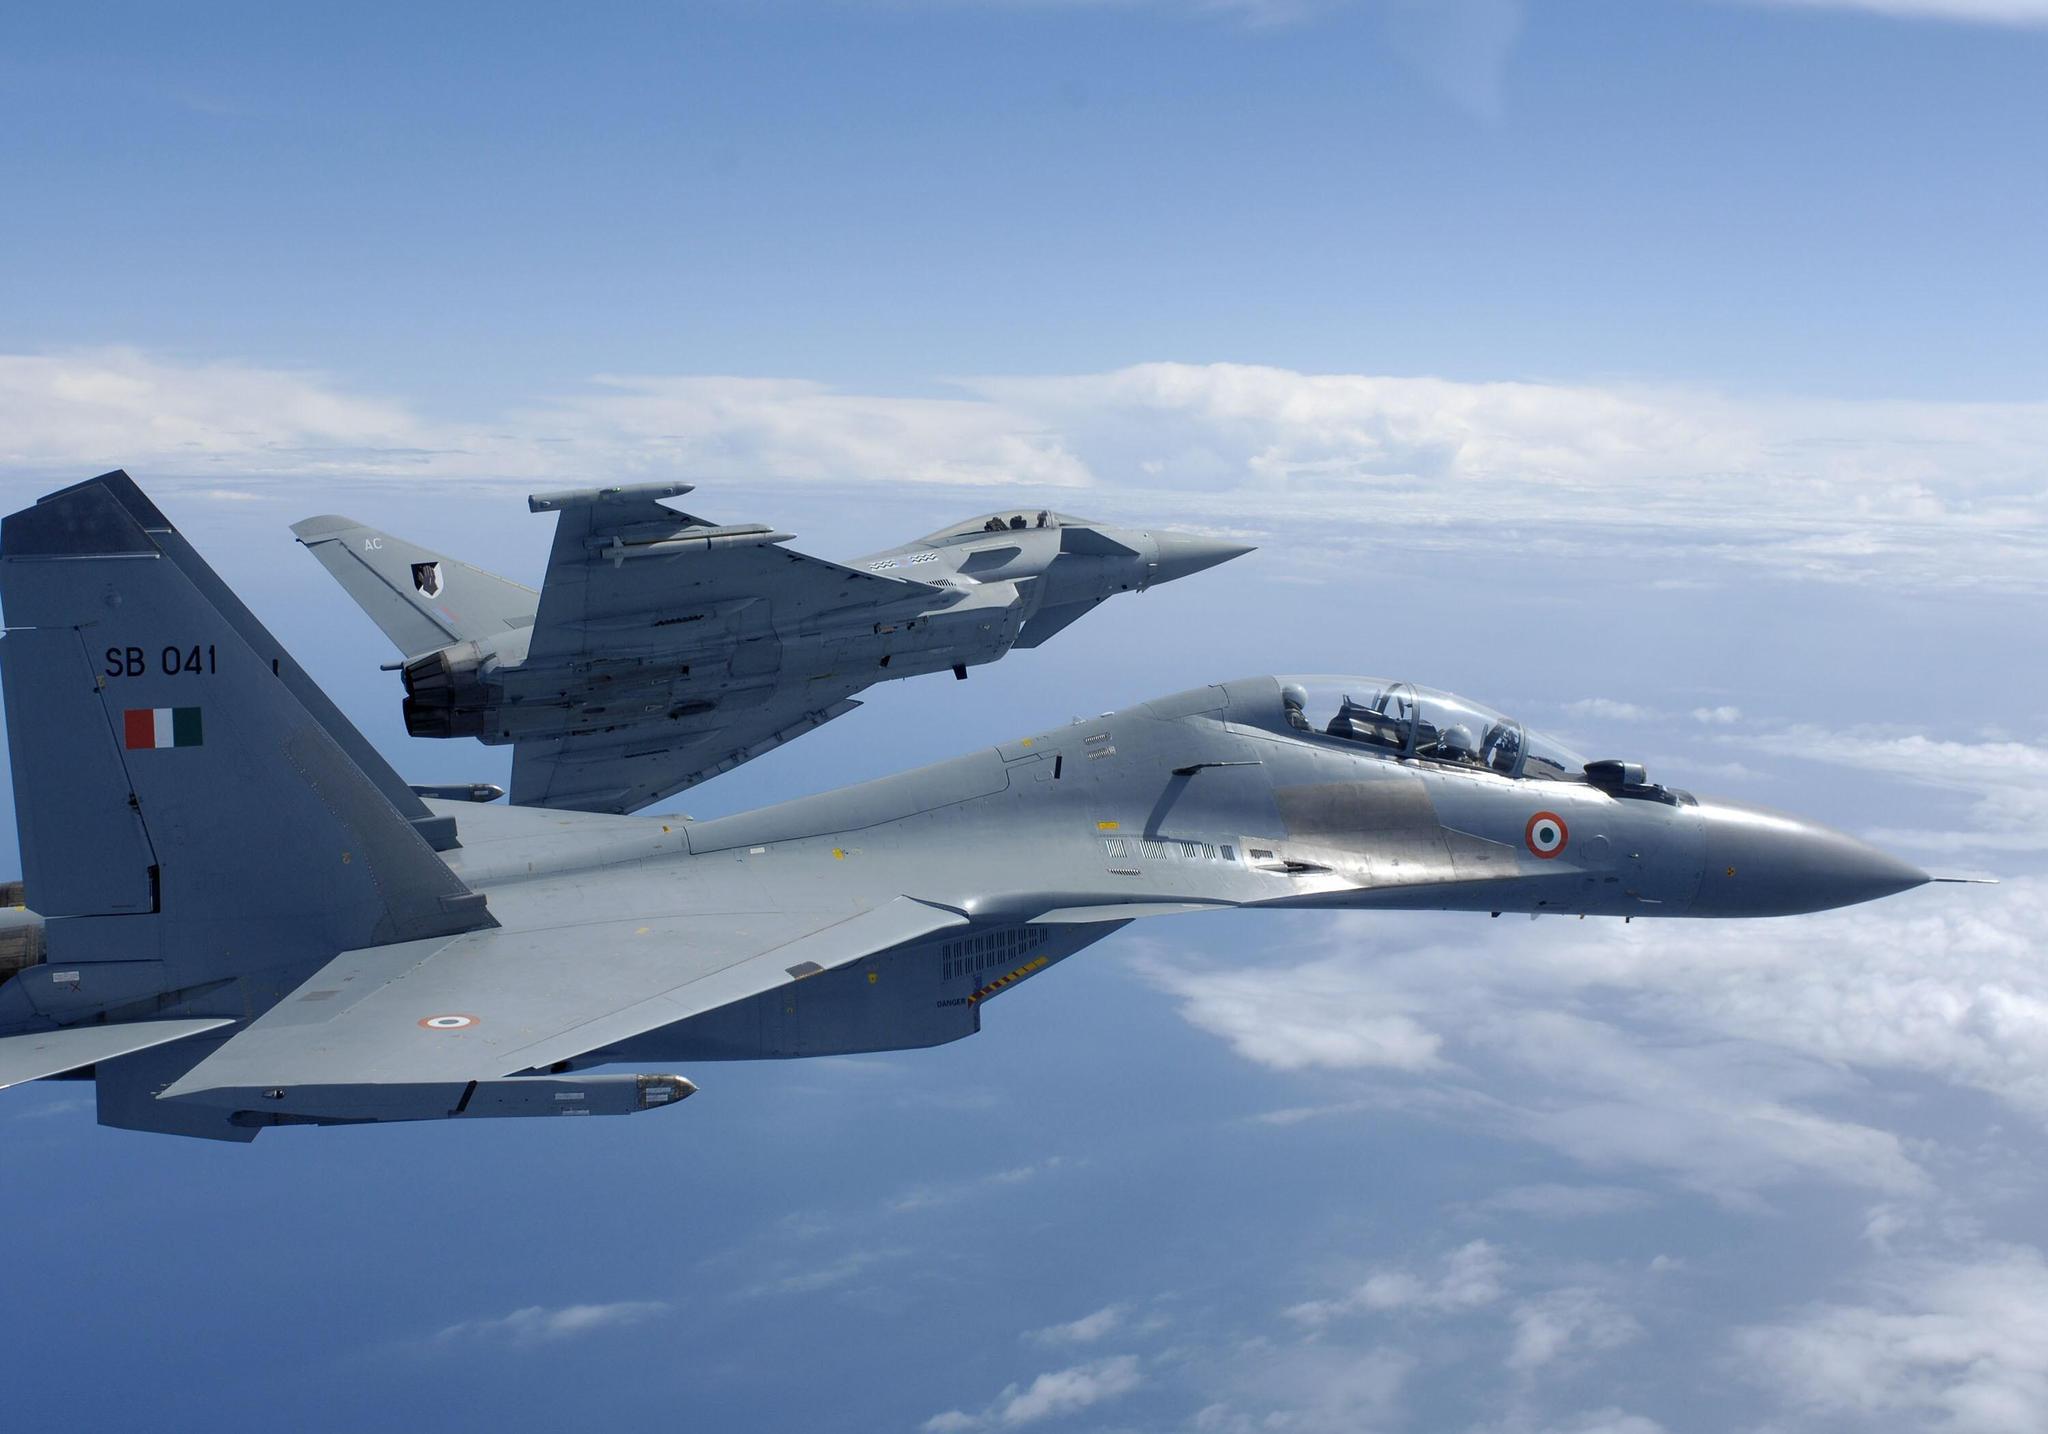 印度急购33架俄制战机增强空中战力 专家摇头:买错了